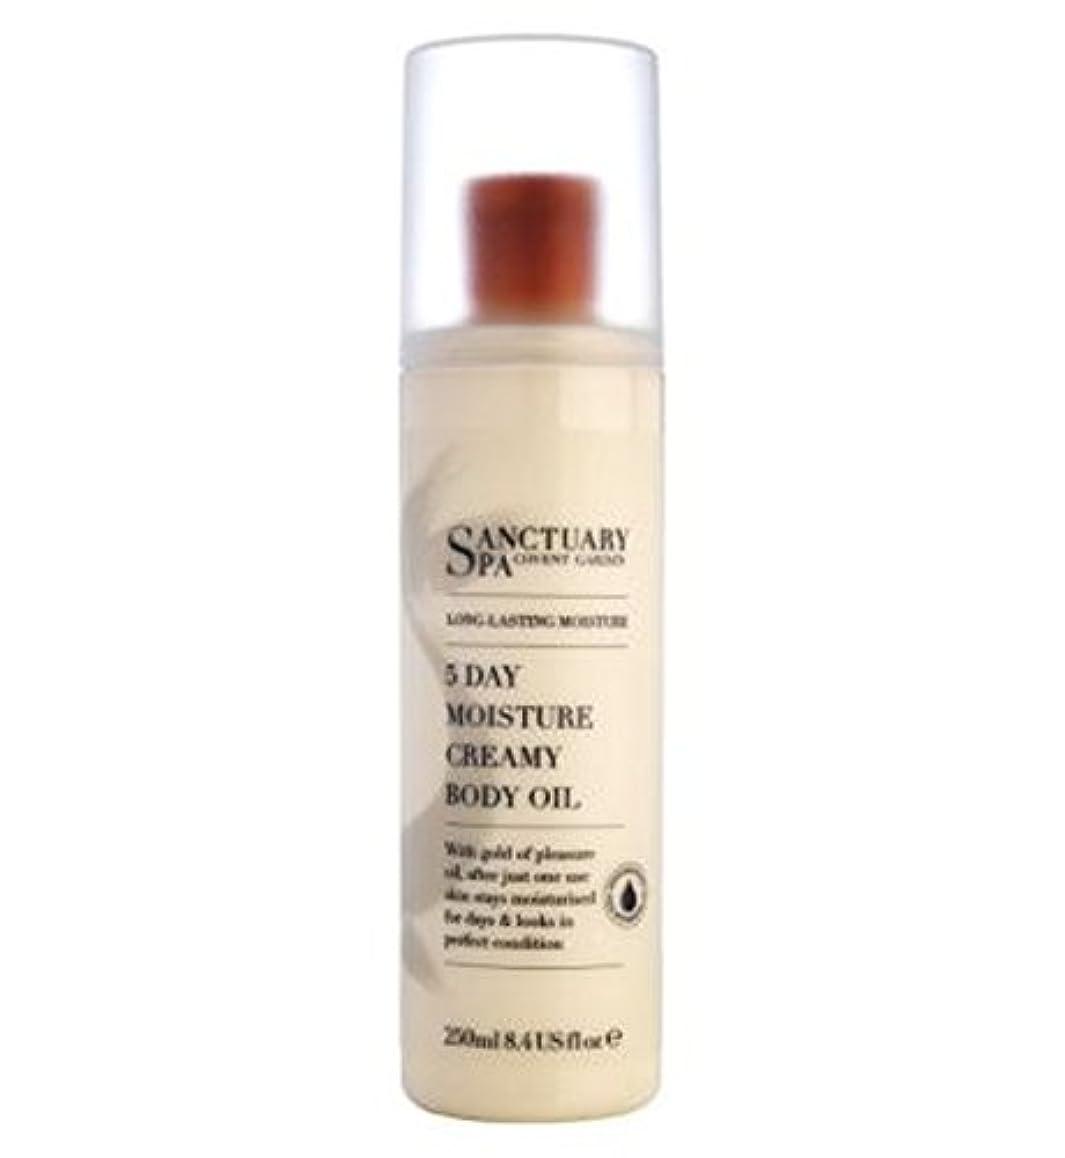 変化するローズバリーSanctuary Long Lasting Moisture 5 Day Moisture Creamy Body Oil 250ml - 聖域長期的な水分5日間の水分クリーミーボディオイル250ミリリットル (Sanctuary) [並行輸入品]